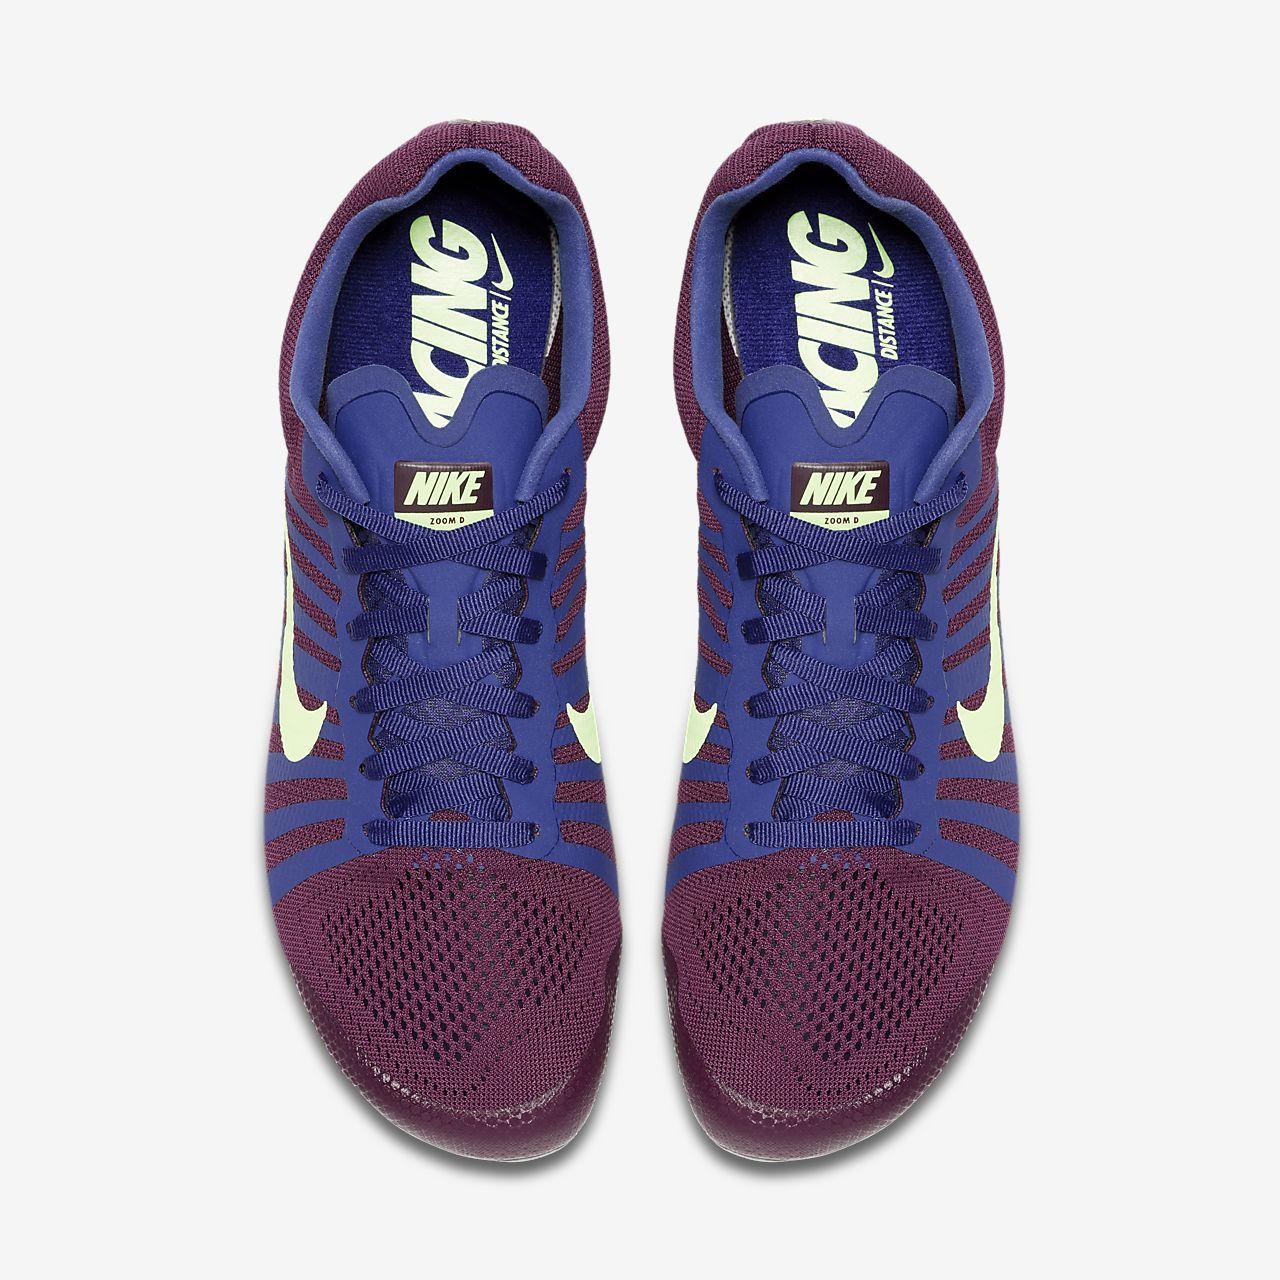 Chiodata D Nike Distanza Sulla Zoom Per Corse Scarpa Unisex wOPiukZTlX